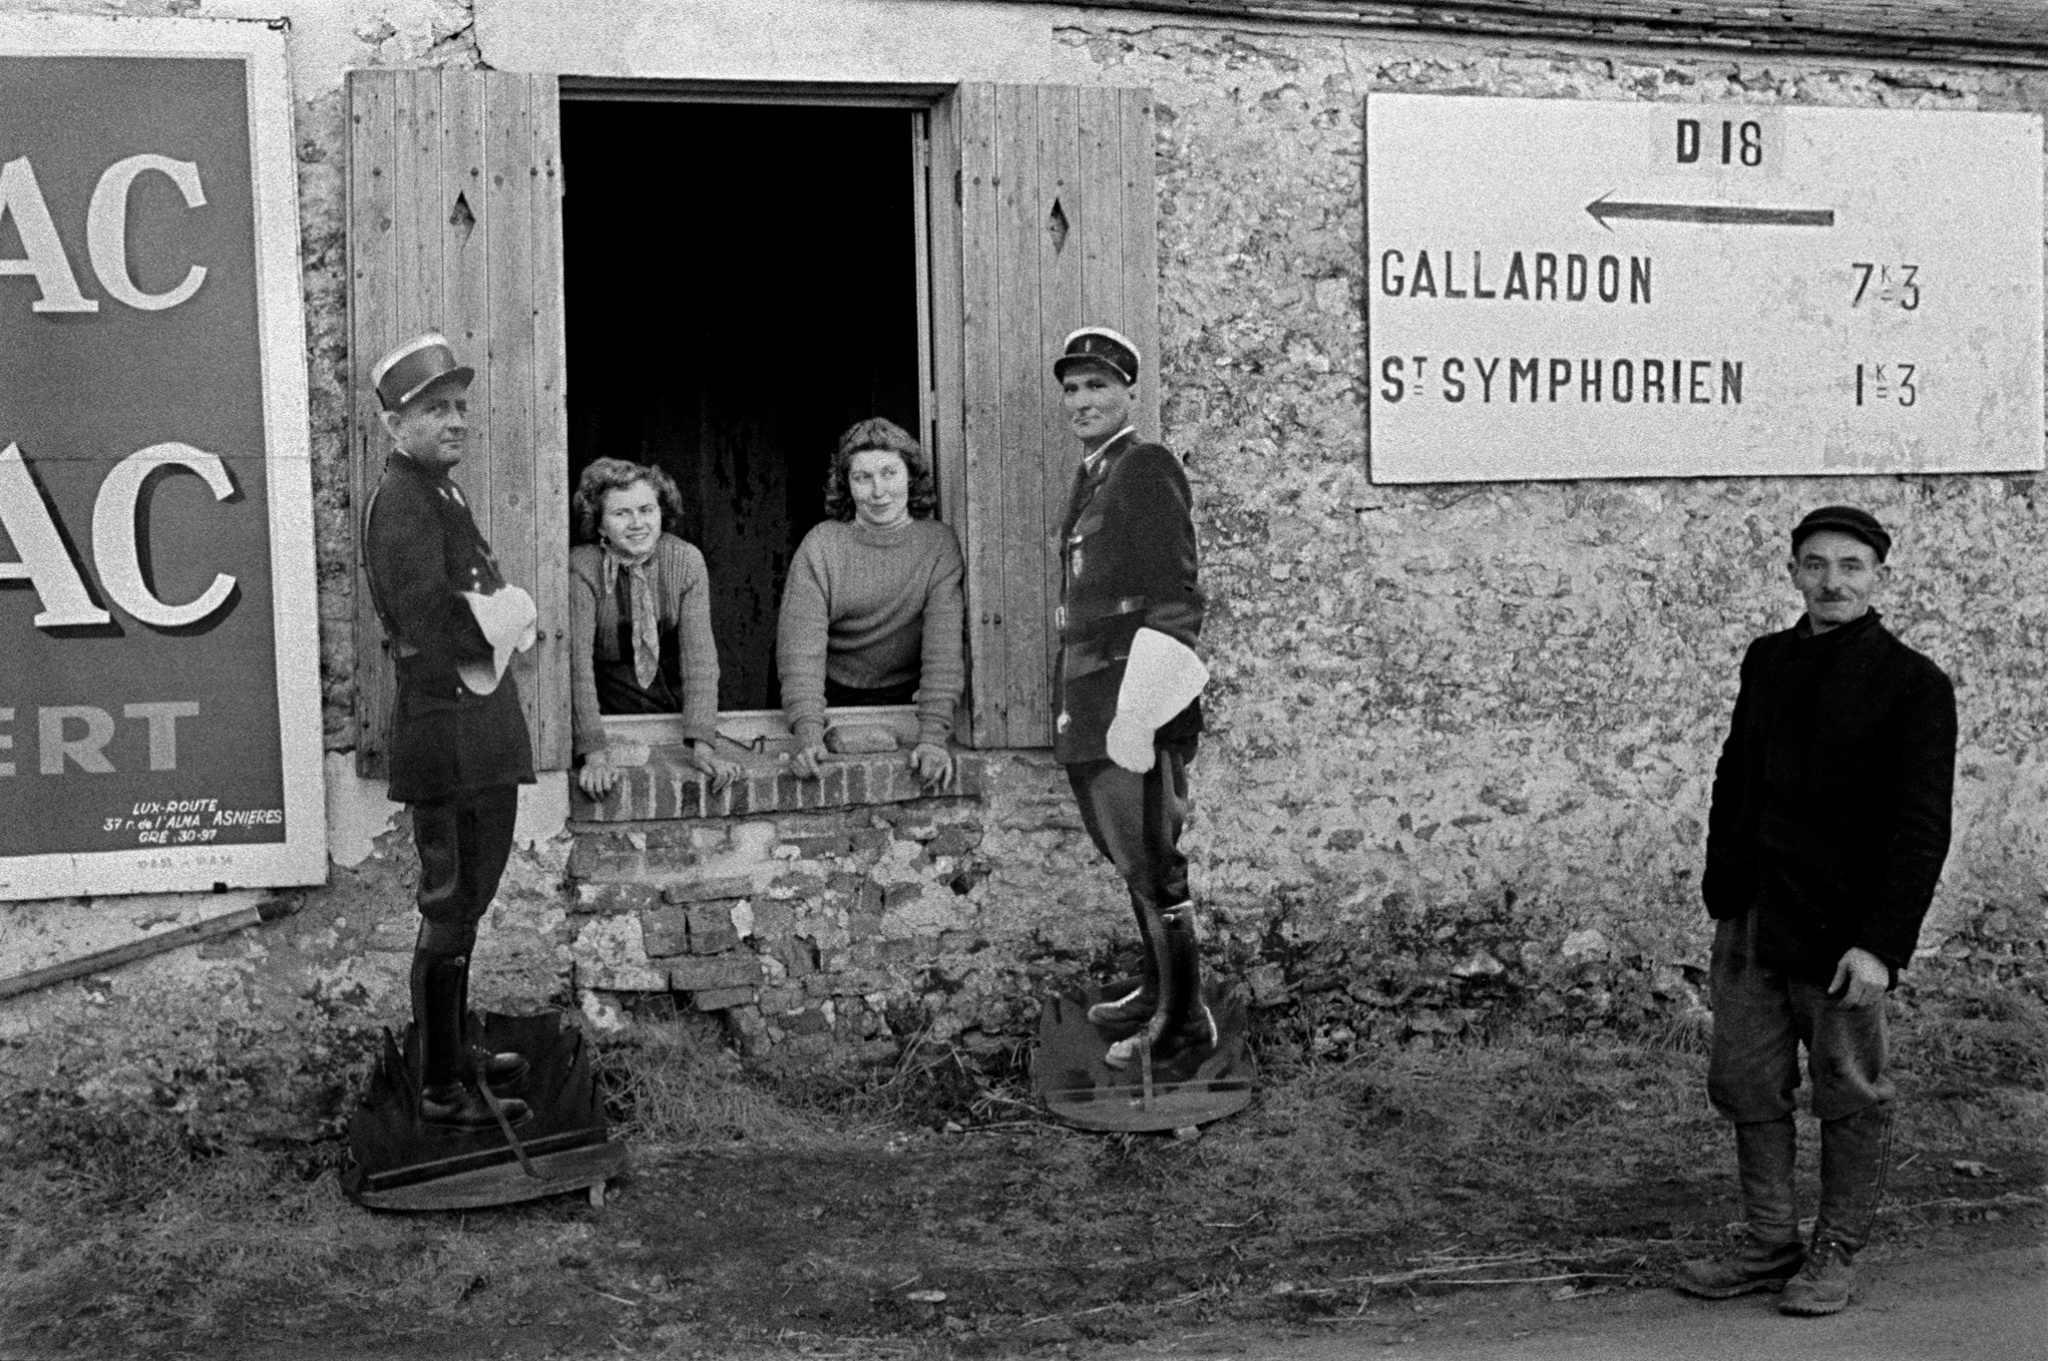 Fotó: Frank Horvat: Fake Policemen, Gallardon, France, 1956 © Frank Horvat